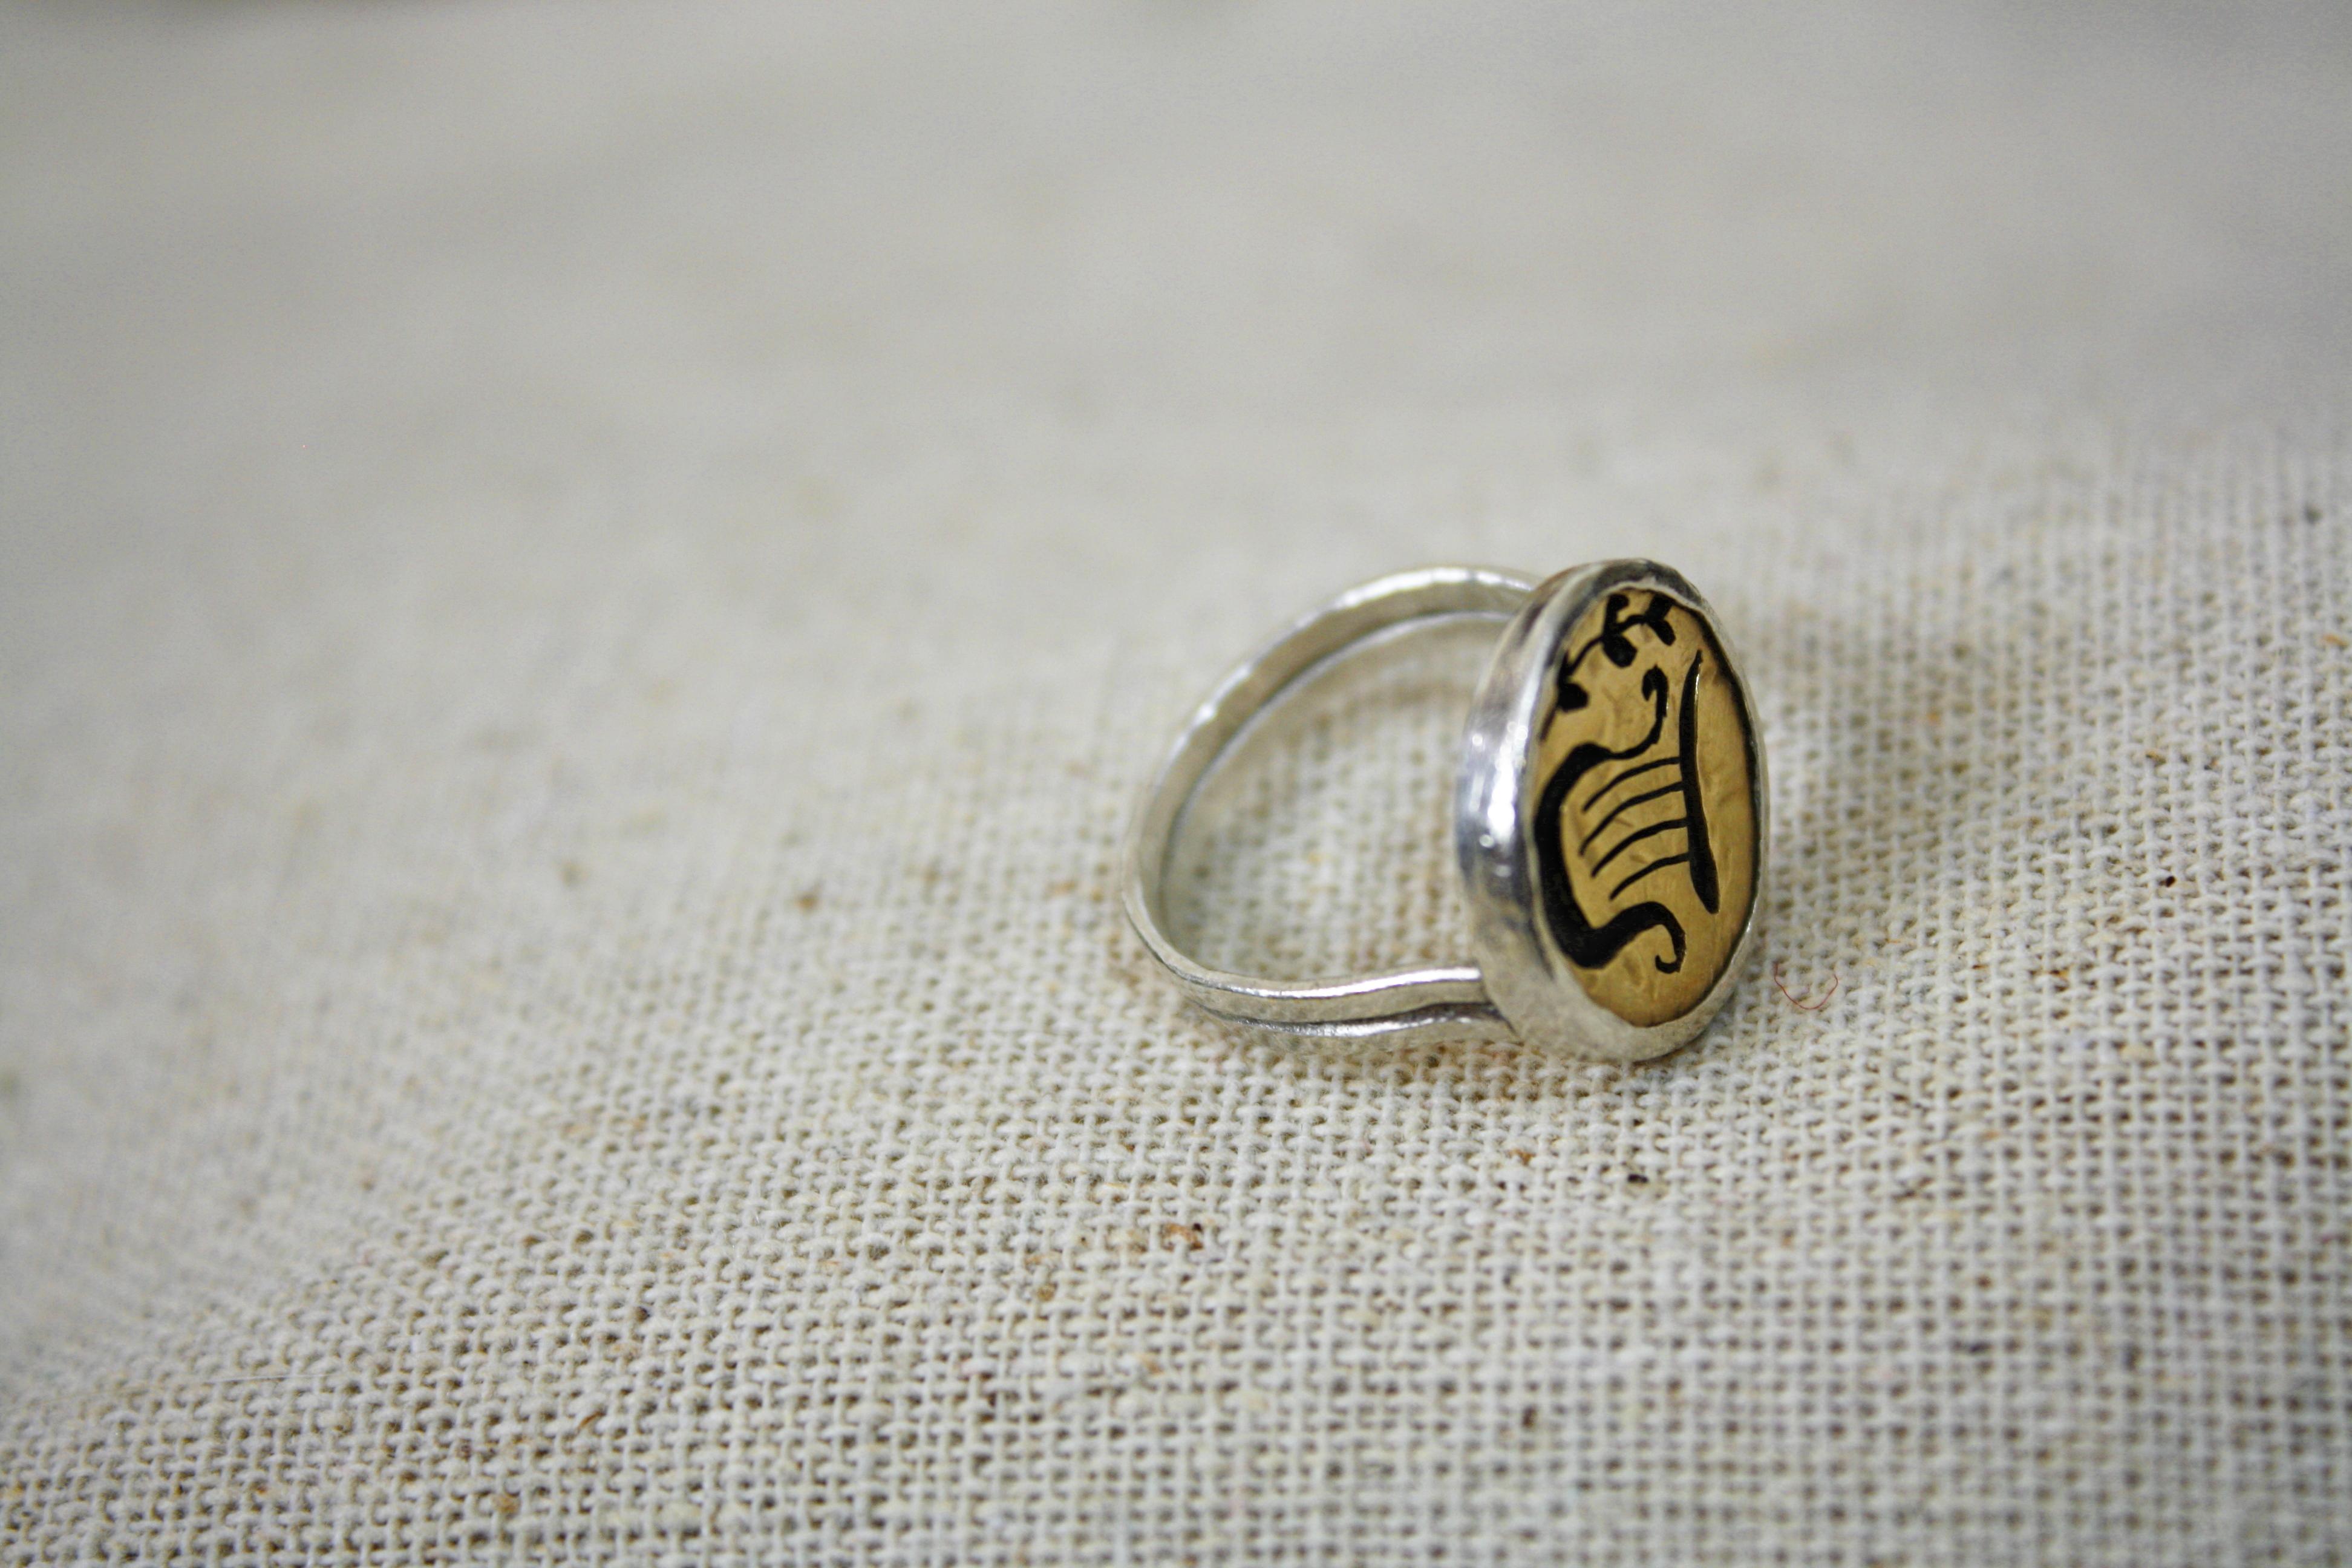 טבעת נבל דוד בכסף וזהב